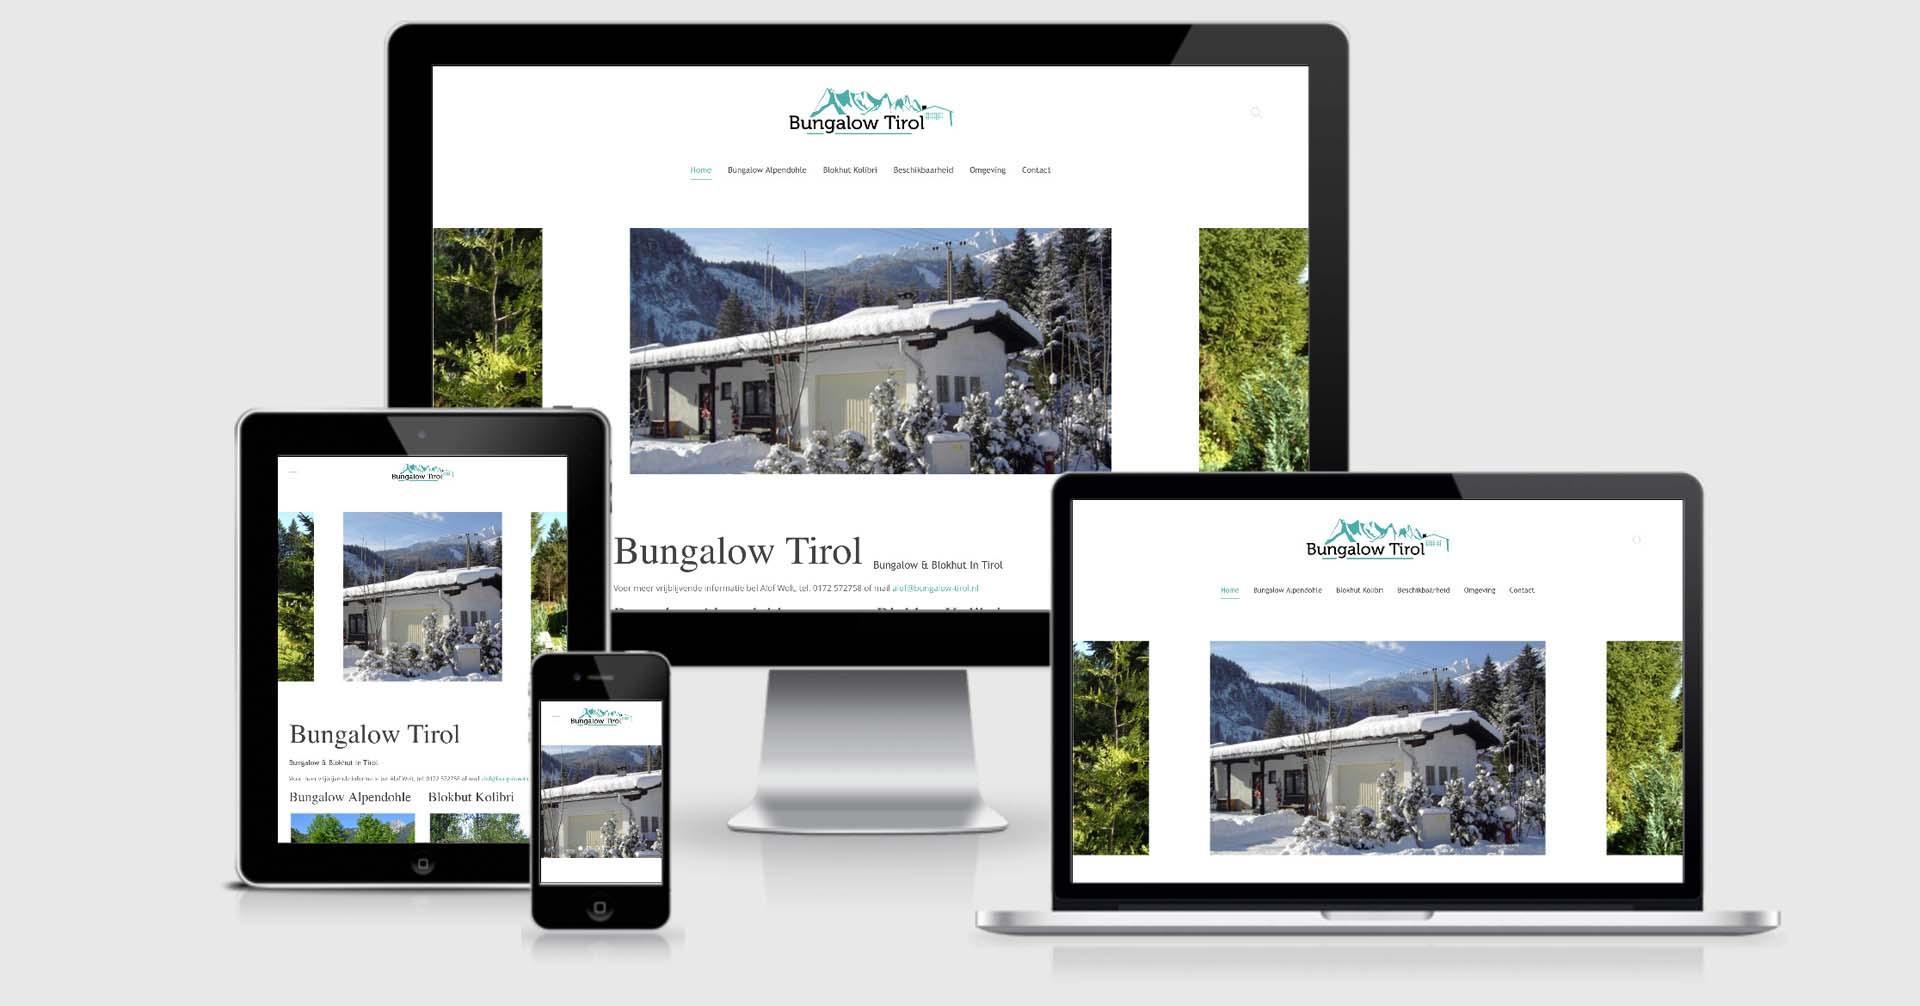 Bungalow Tirol